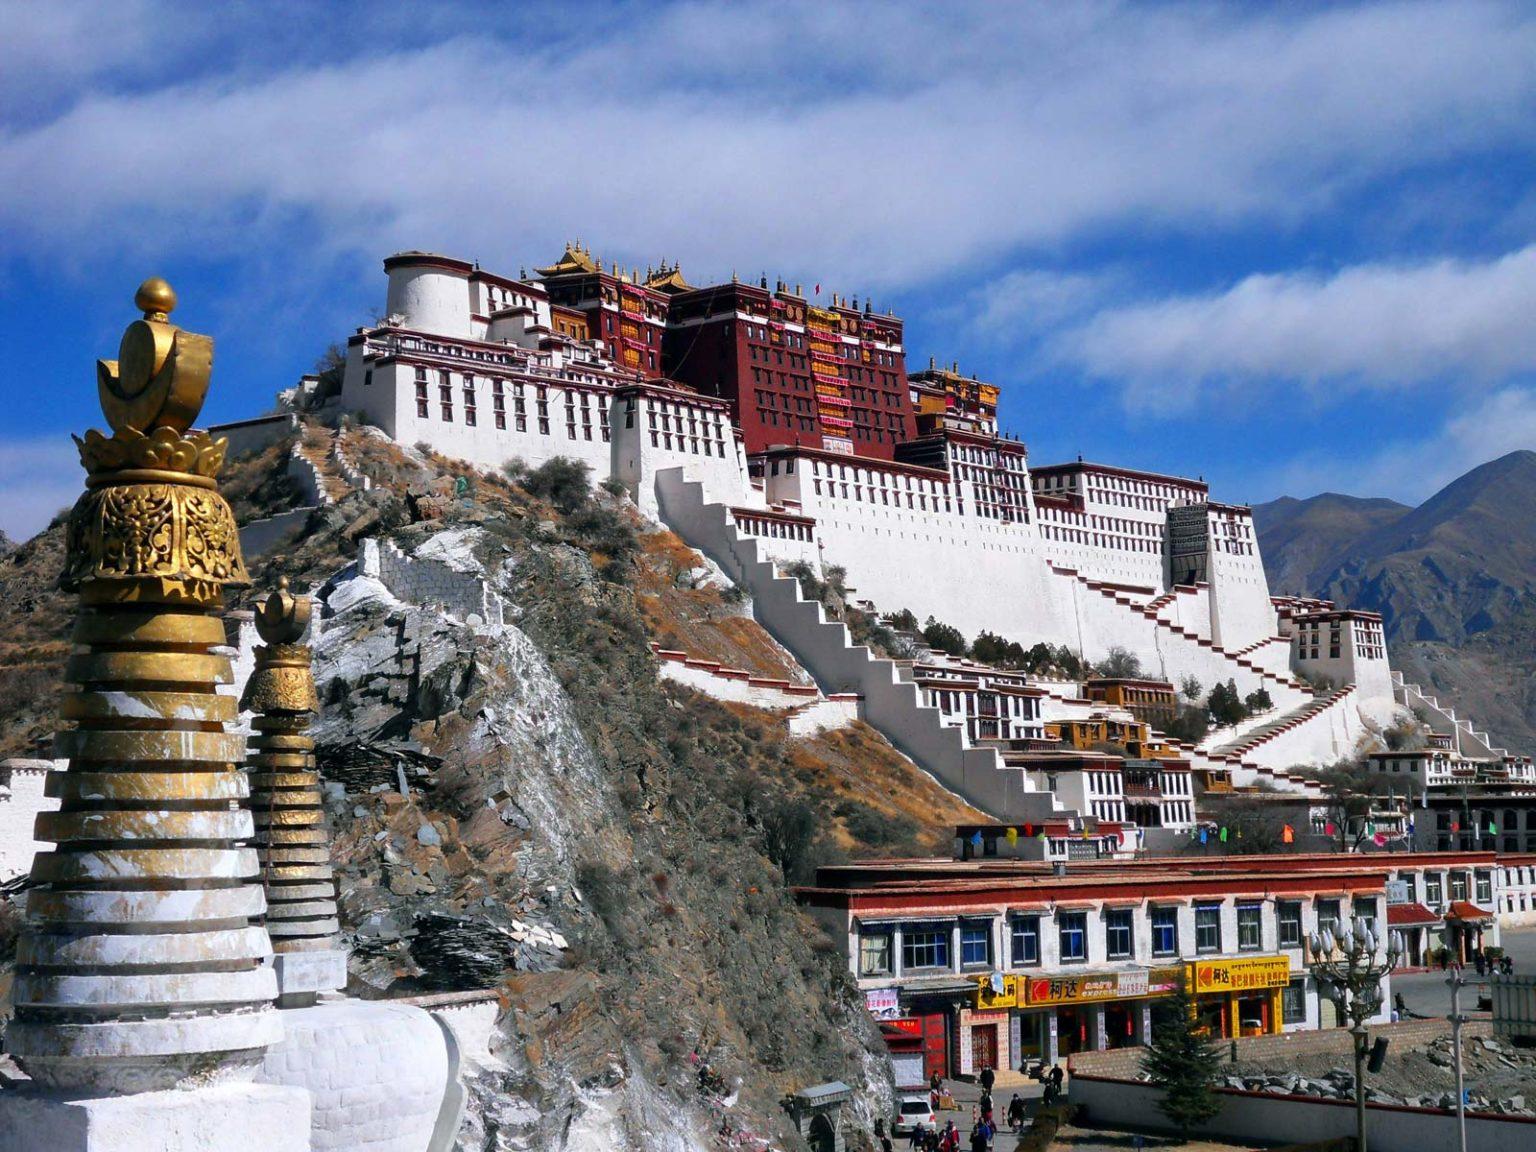 国际声援西藏运动:中共当局透过人口普查加强对民众的控制